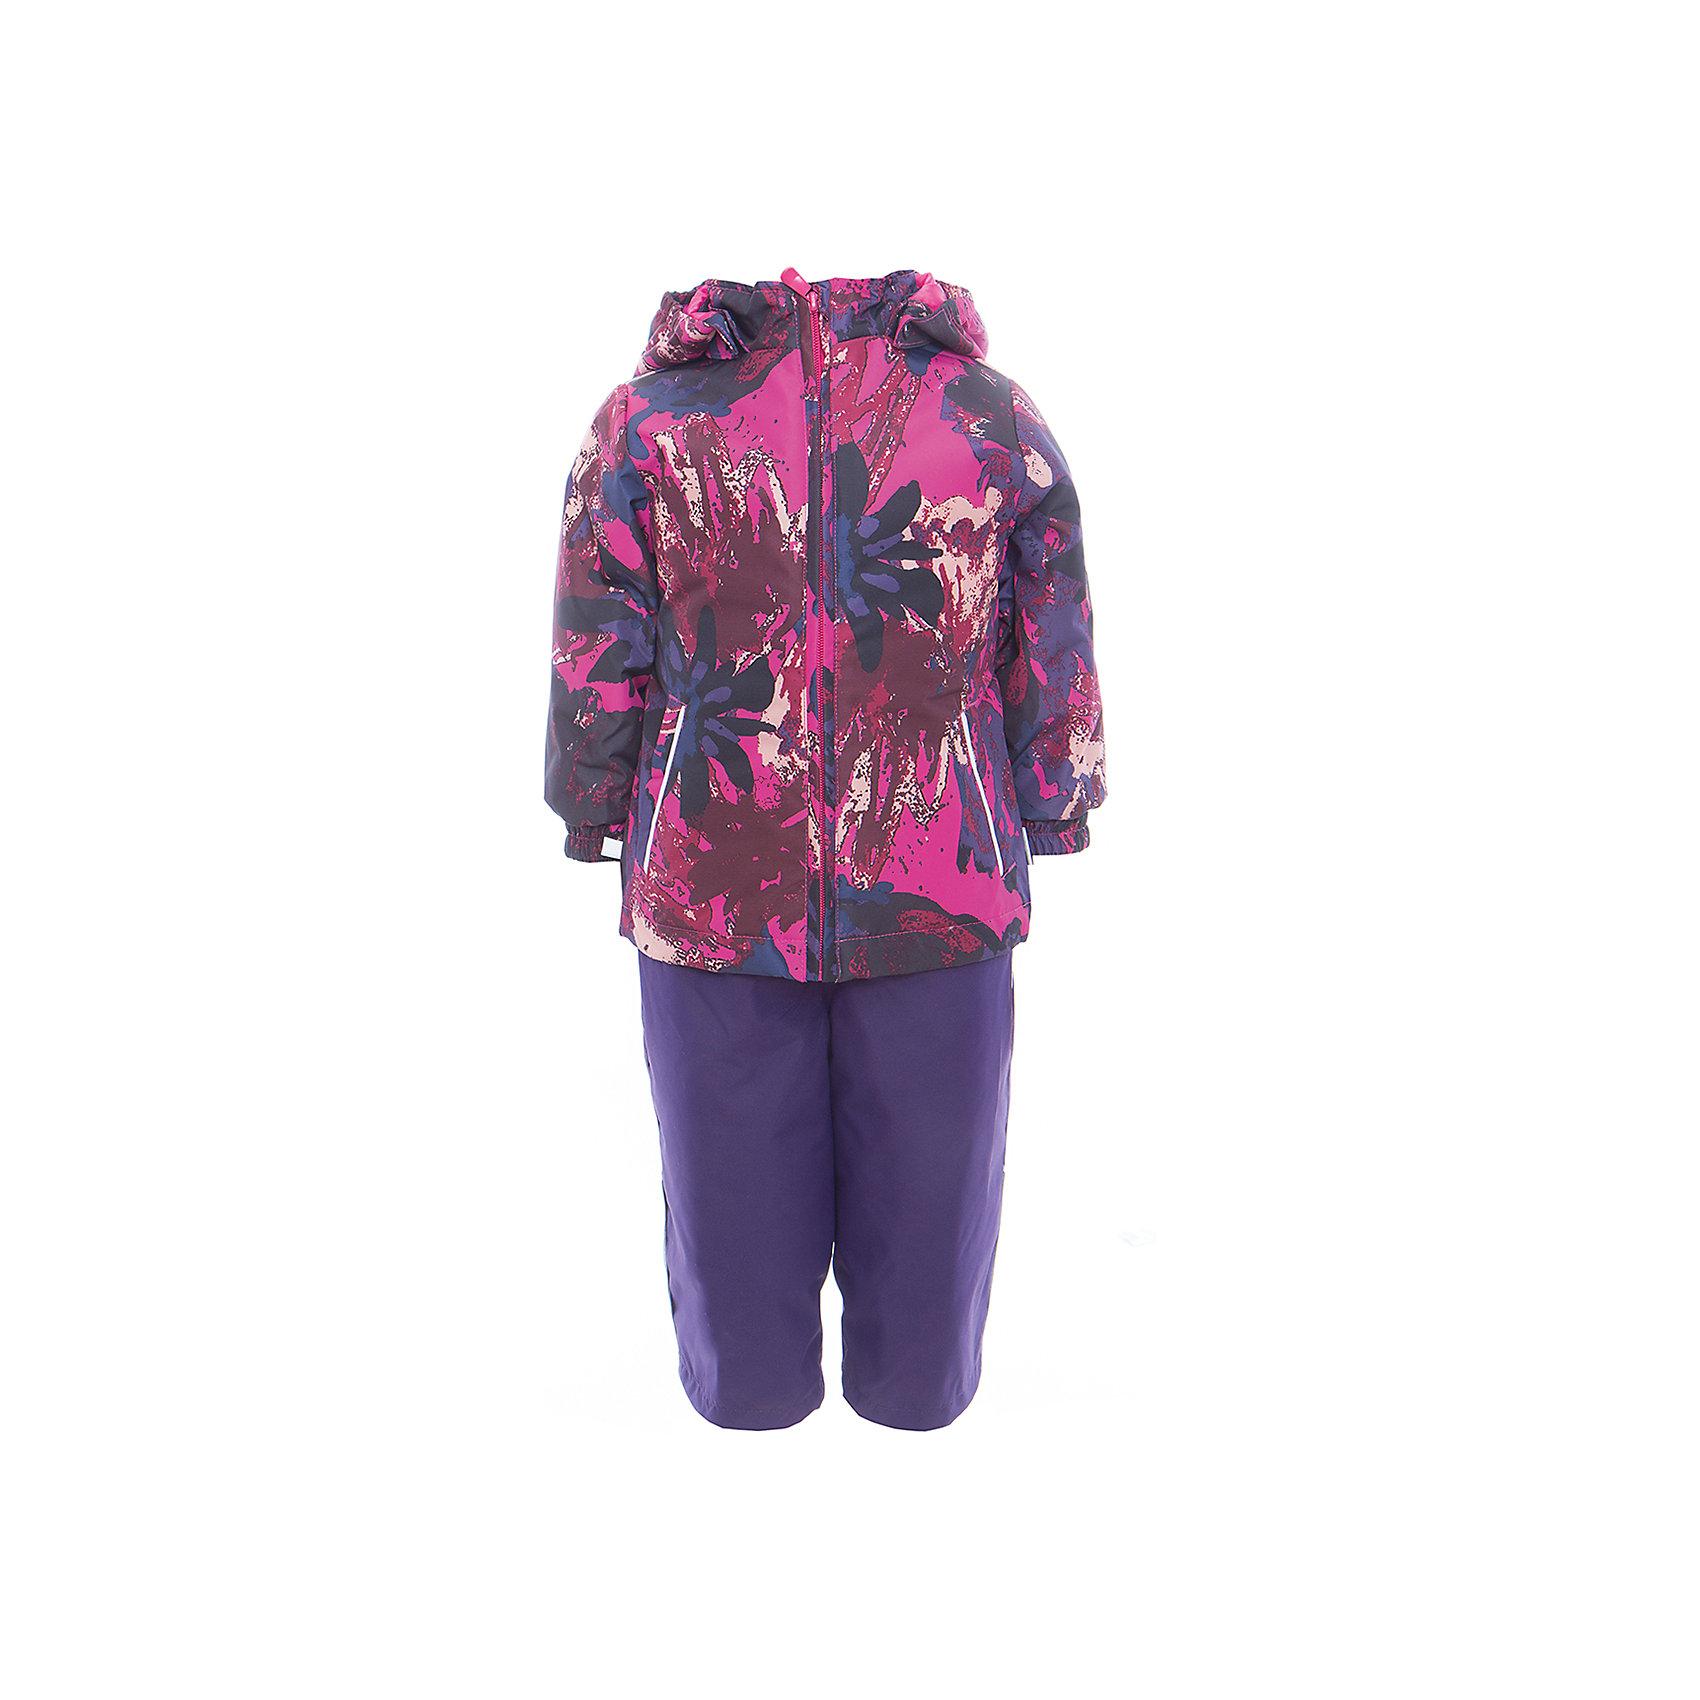 Комплект: куртка и полукомбинезон для девочки YONNE HuppaКомплекты<br>Характеристики товара:<br><br>• цвет: фуксия принт/тёмно-фиолетовый<br>• комплектация: куртка и полукомбинезон <br>• ткань: 100% полиэстер<br>• подкладка: тафта - 100% полиэстер<br>• утеплитель: куртка и полукомбинезон - 100% полиэстер 100 г.<br>• температурный режим: от -5°С до +10°С<br>• водонепроницаемость: верх - 5000 мм, низ - 10000 мм<br>• воздухопроницаемость: верх - 5000 мм, низ - 10000 мм<br>• светоотражающие детали<br>• шов сидения проклеен<br>• съёмный капюшон с резинкой<br>• защита подбородка от молнии<br>• эластичные манжеты на рукавах<br>• регулируемый низ брючин<br>• эластичный шнур с фиксатором внизу брючин<br>• без внутренних швов<br>• резиновые подтяжки<br>• коллекция: весна-лето 2017<br>• страна бренда: Эстония<br><br>Такой модный демисезонный комплект  обеспечит детям тепло и комфорт. Он сделан из материала, отталкивающего воду, и дополнен подкладкой с утеплителем, поэтому изделие идеально подходит для межсезонья. Материал изделий - с мембранной технологией: защищая от влаги и ветра, он легко выводит лишнюю влагу наружу. Комплект очень симпатично смотрится. <br><br>Одежда и обувь от популярного эстонского бренда Huppa - отличный вариант одеть ребенка можно и комфортно. Вещи, выпускаемые компанией, качественные, продуманные и очень удобные. Для производства изделий используются только безопасные для детей материалы. Продукция от Huppa порадует и детей, и их родителей!<br><br>Комплект: куртка и полукомбинезон YONNE от бренда Huppa (Хуппа) можно купить в нашем интернет-магазине.<br><br>Ширина мм: 356<br>Глубина мм: 10<br>Высота мм: 245<br>Вес г: 519<br>Цвет: фиолетовый<br>Возраст от месяцев: 72<br>Возраст до месяцев: 84<br>Пол: Женский<br>Возраст: Детский<br>Размер: 122,80,86,92,98,104,110,116<br>SKU: 5346681